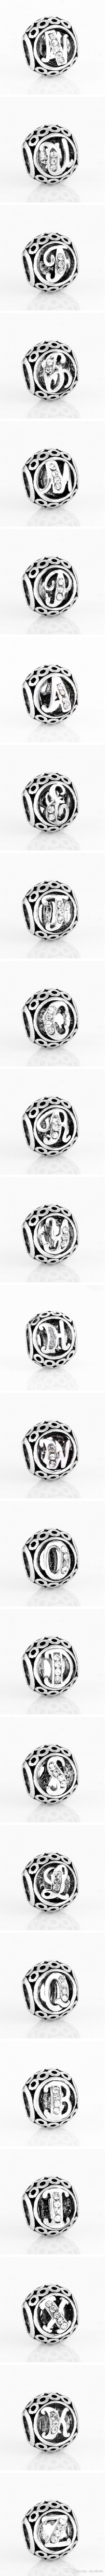 26 iniziali A-Z Inglese lega di metallo lettera 925 perline bracciale Pandora donne fai da te gioielli di moda con strass